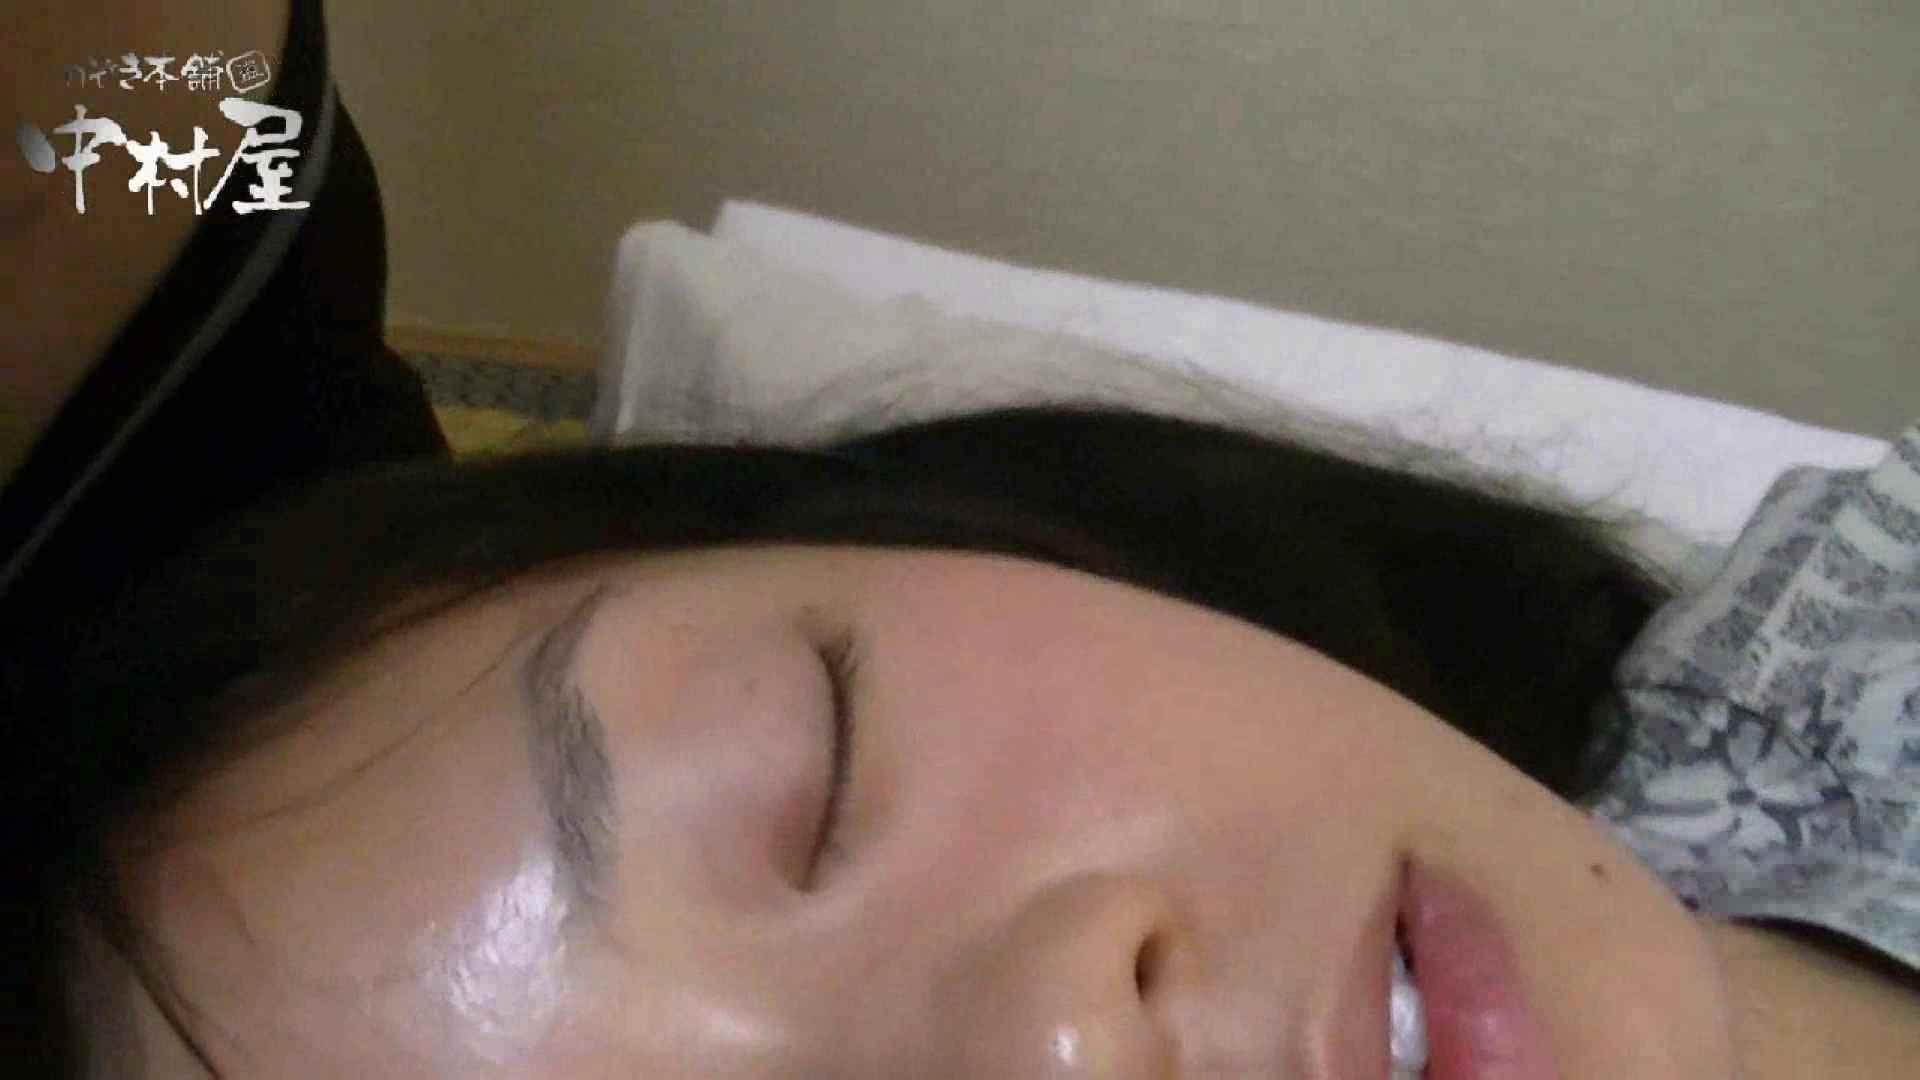 ネムリ姫 vol.52 後編 イタズラ すけべAV動画紹介 79連発 77